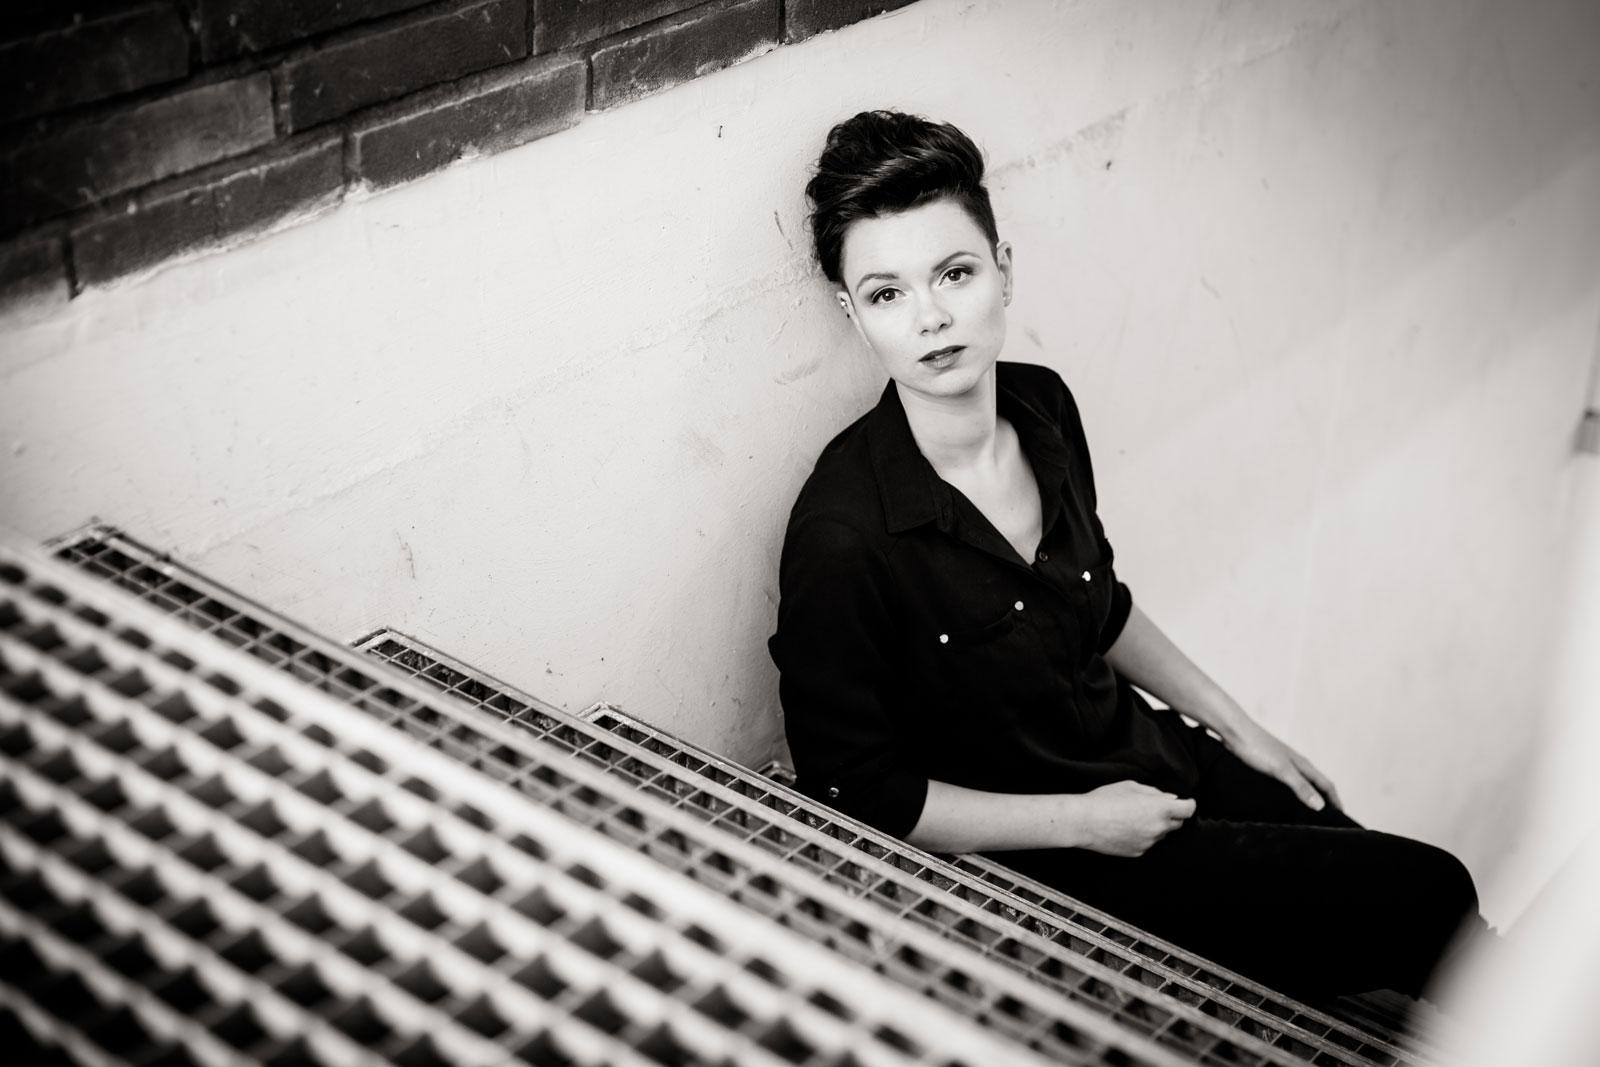 Haarscharf_Fehmarn_Hairstylist_Friseur_Salon_Burg_H0918-35_Ahlstroem_Photography.jpg